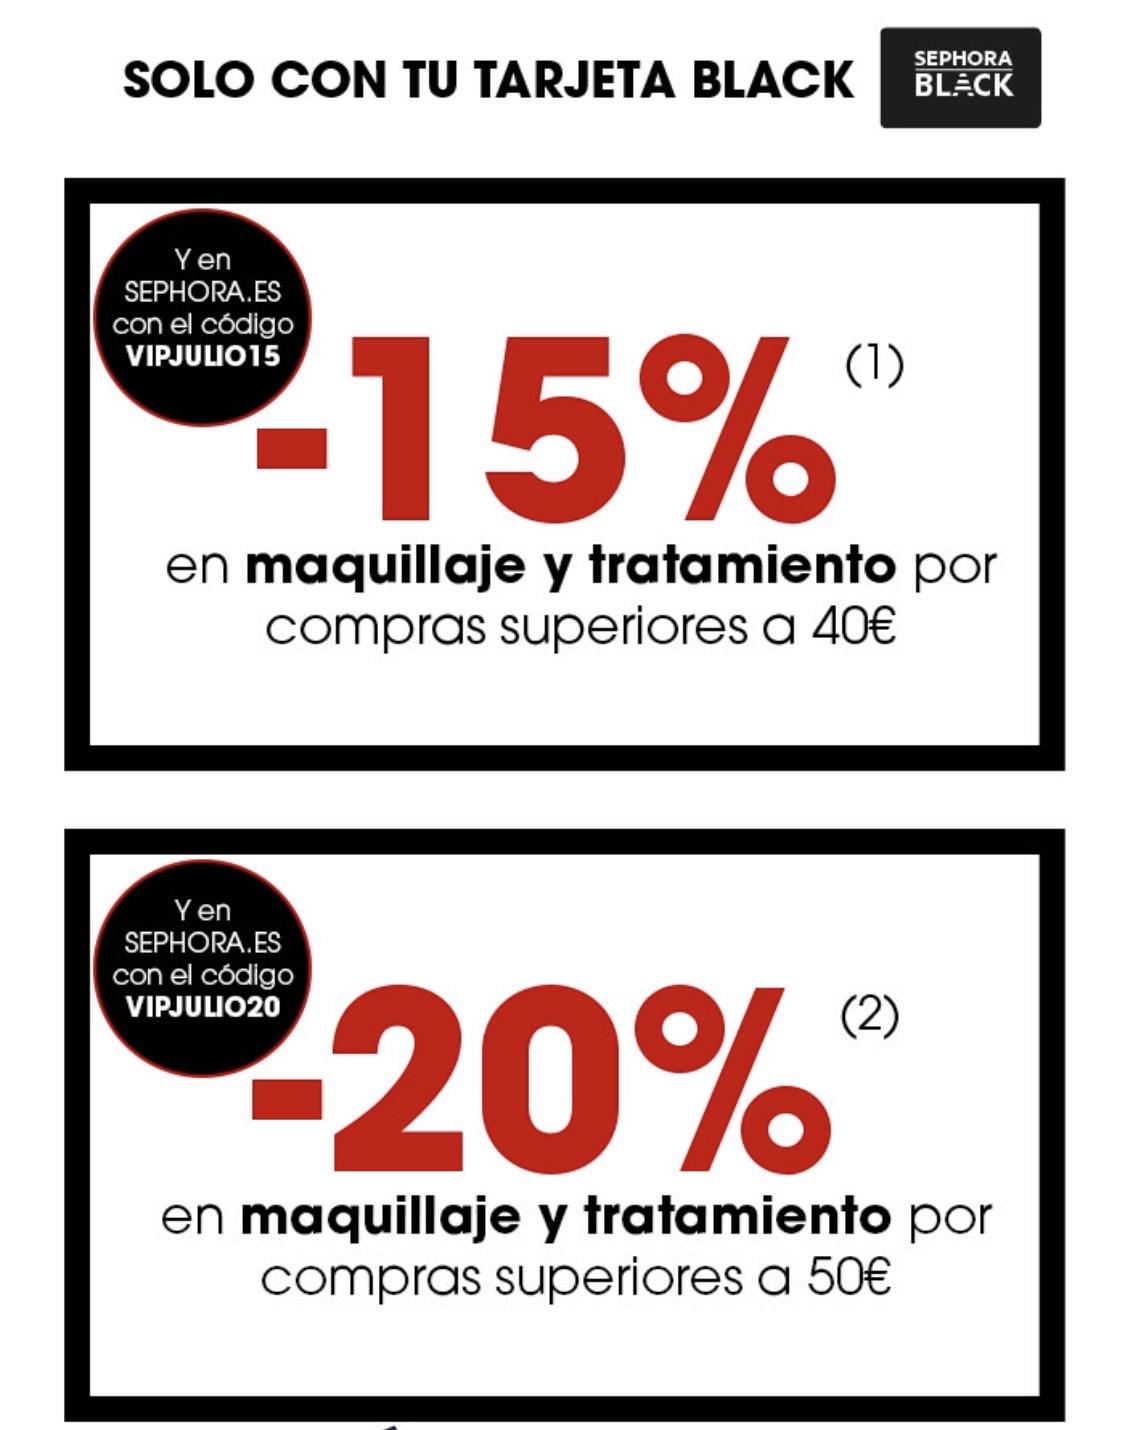 Sephora -20% en maquillaje y tratamiento + YSL 40% + Fragancia La Vie Est Belle 10%